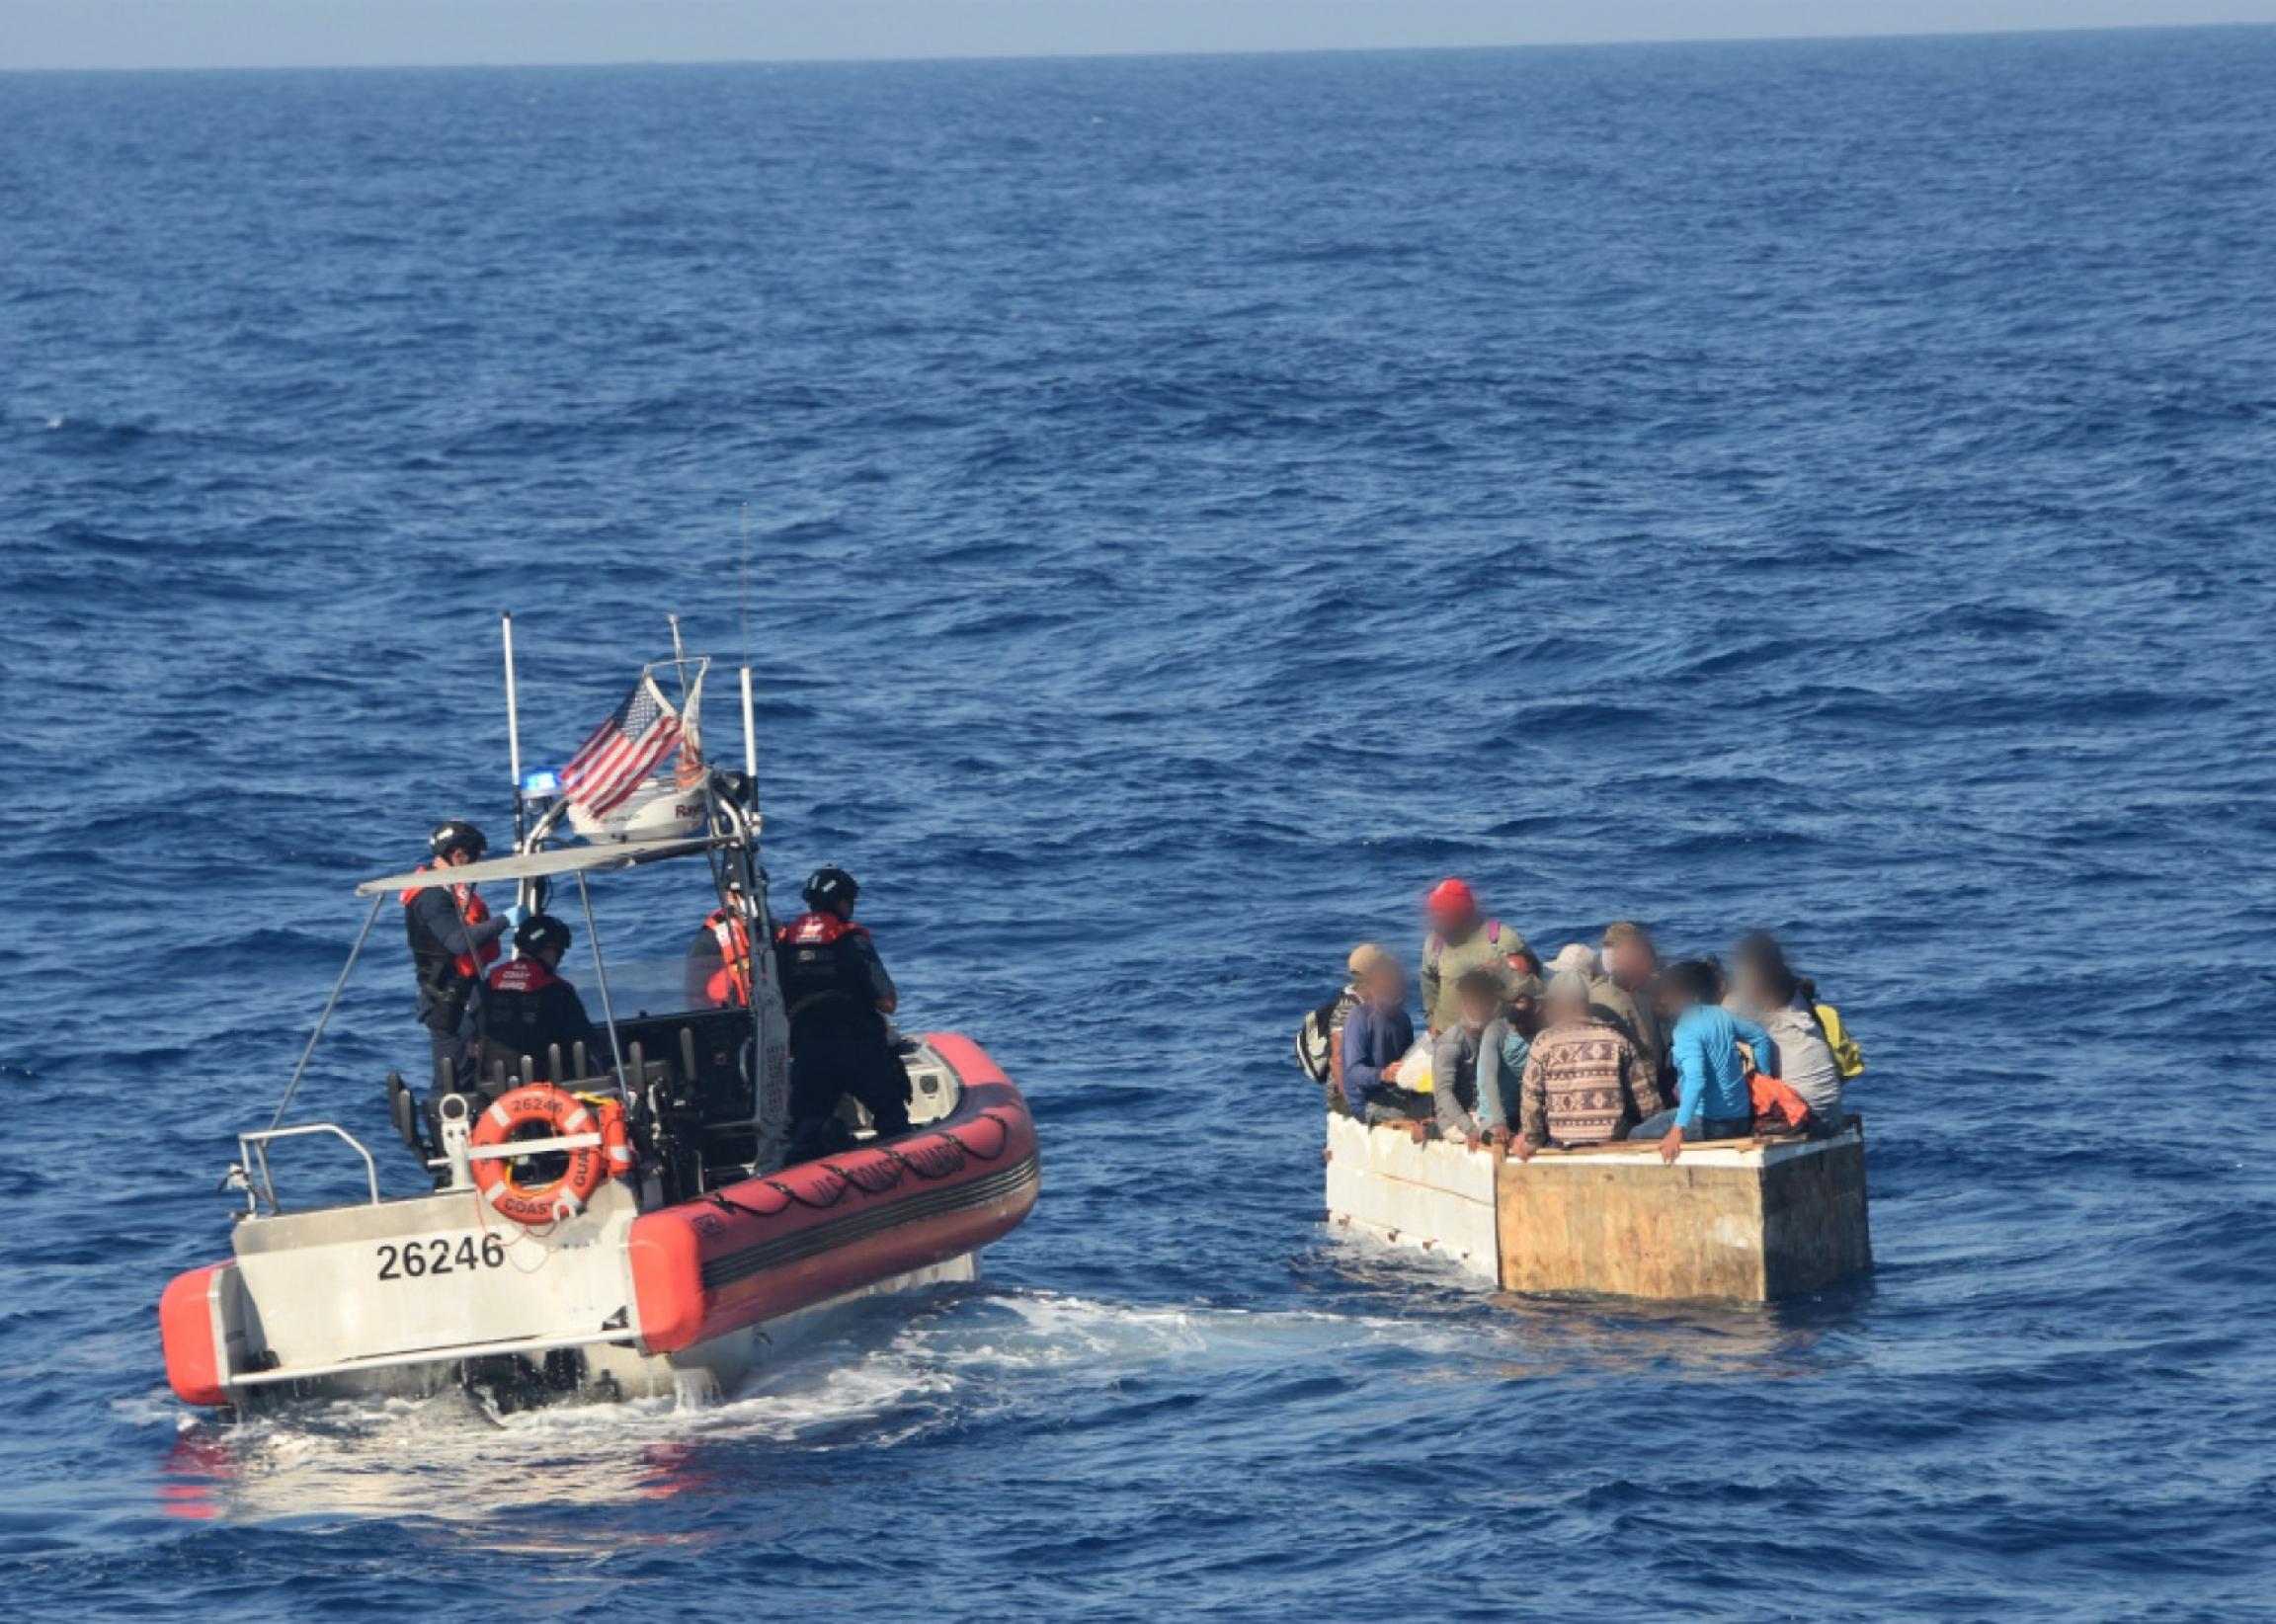 People on rafts at sea